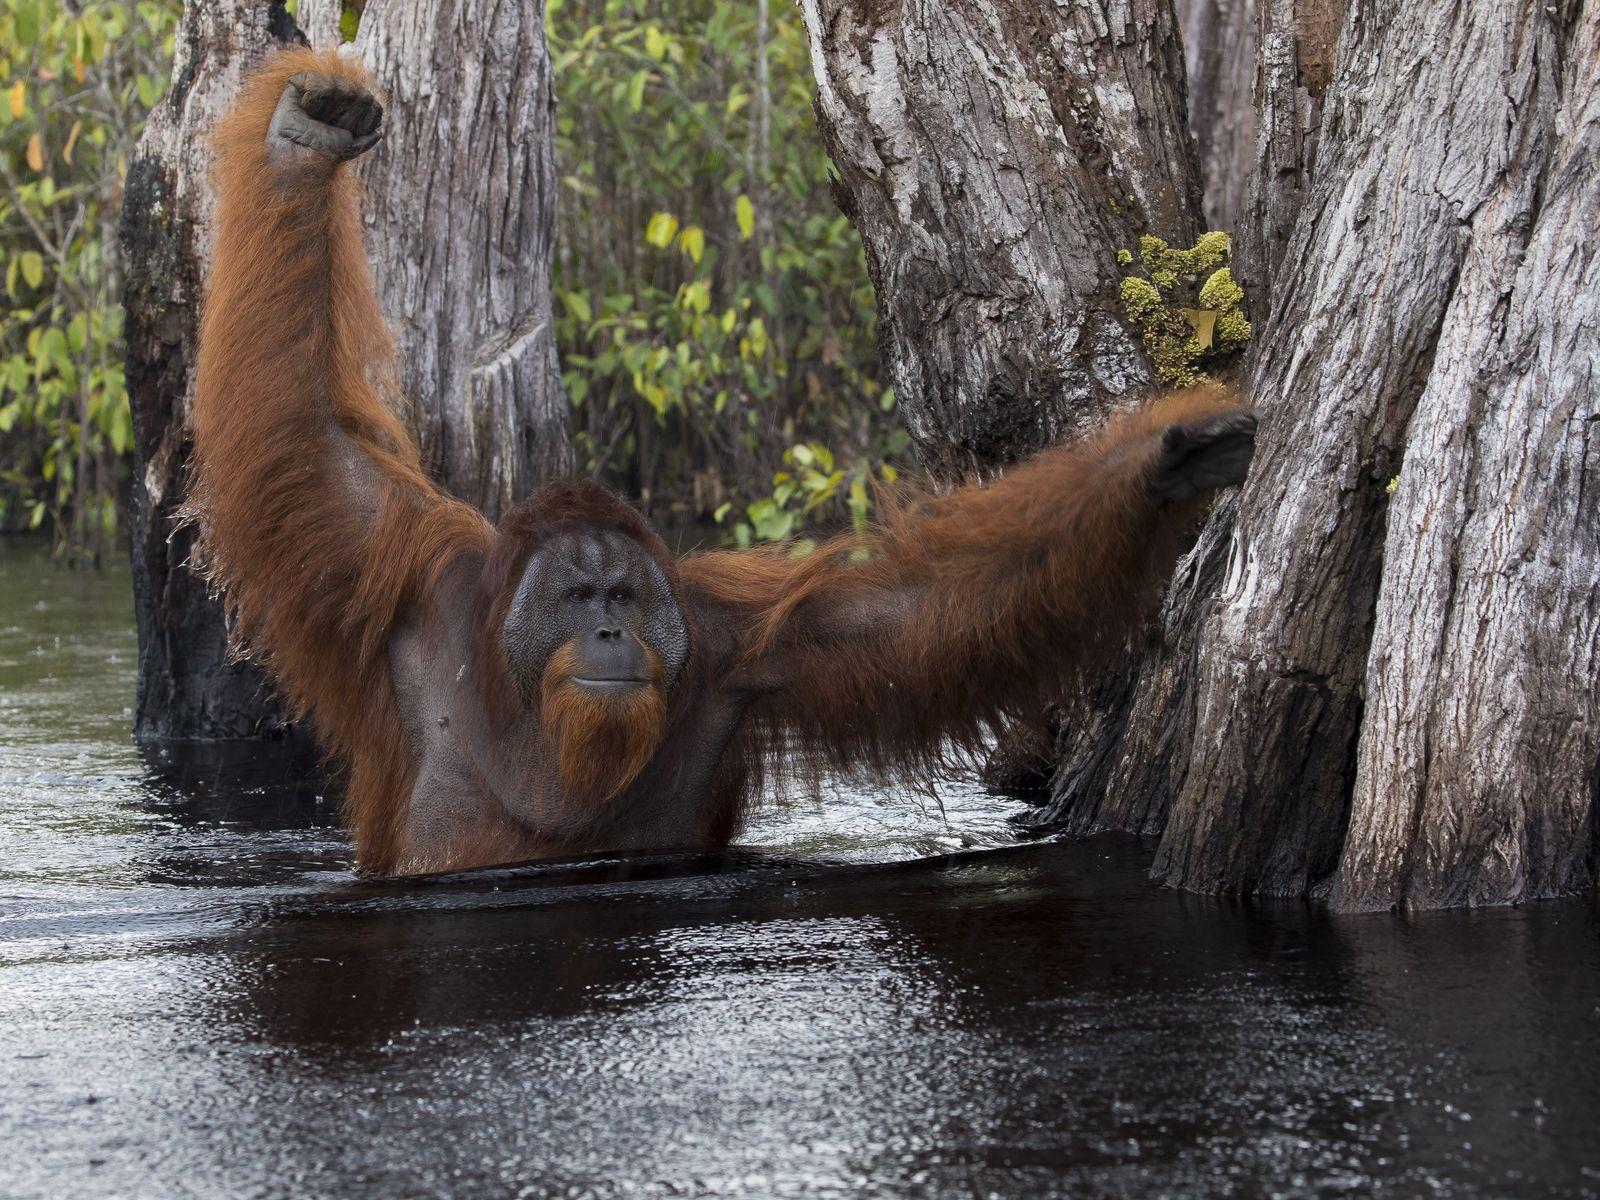 L'eau est noircie par les racines des arbres - une cachette parfaite pour des crocodiles.